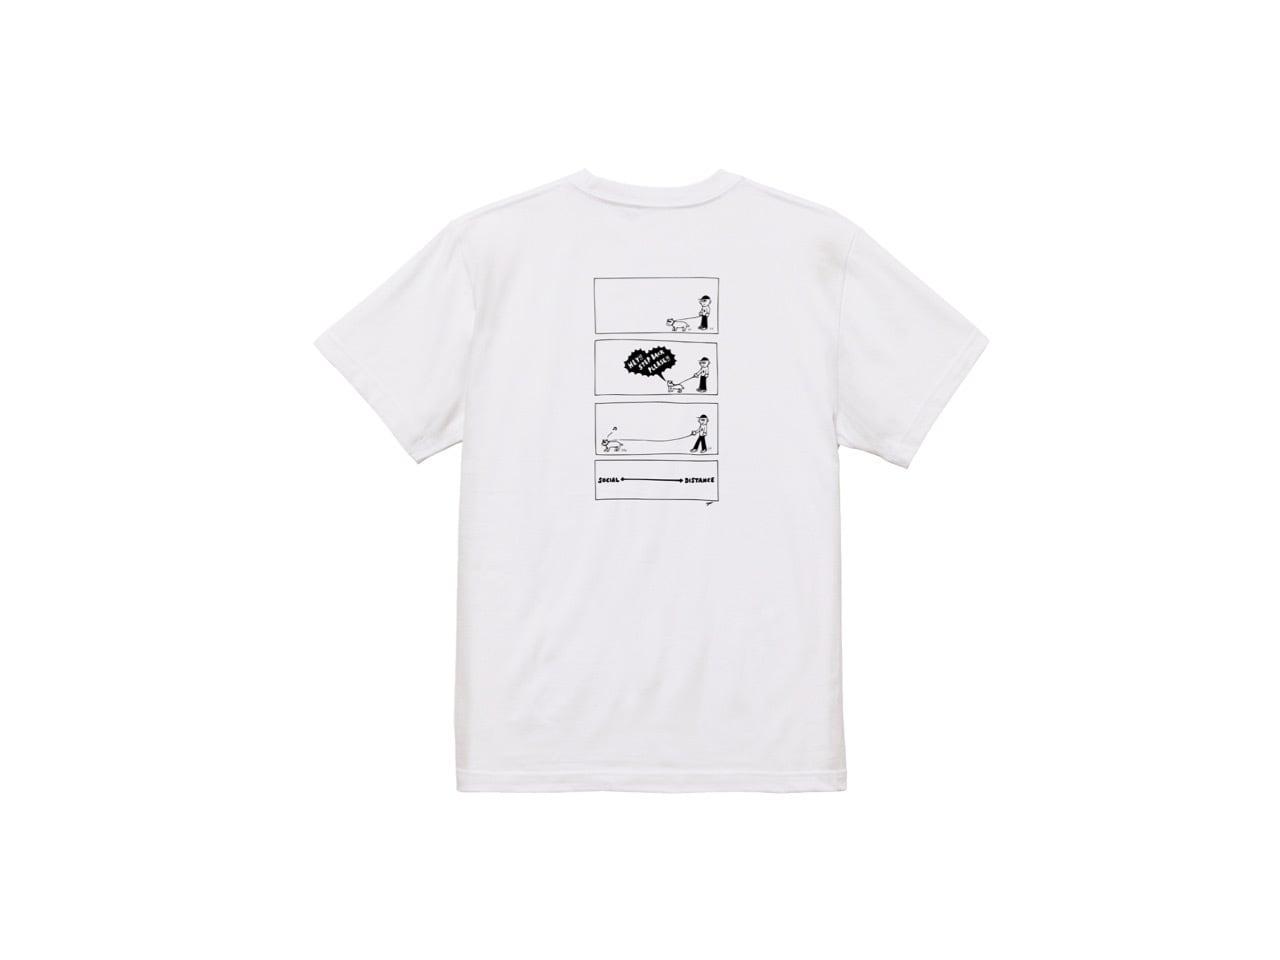 SHI x coguchi dog SD T-shirts (WH/BK)